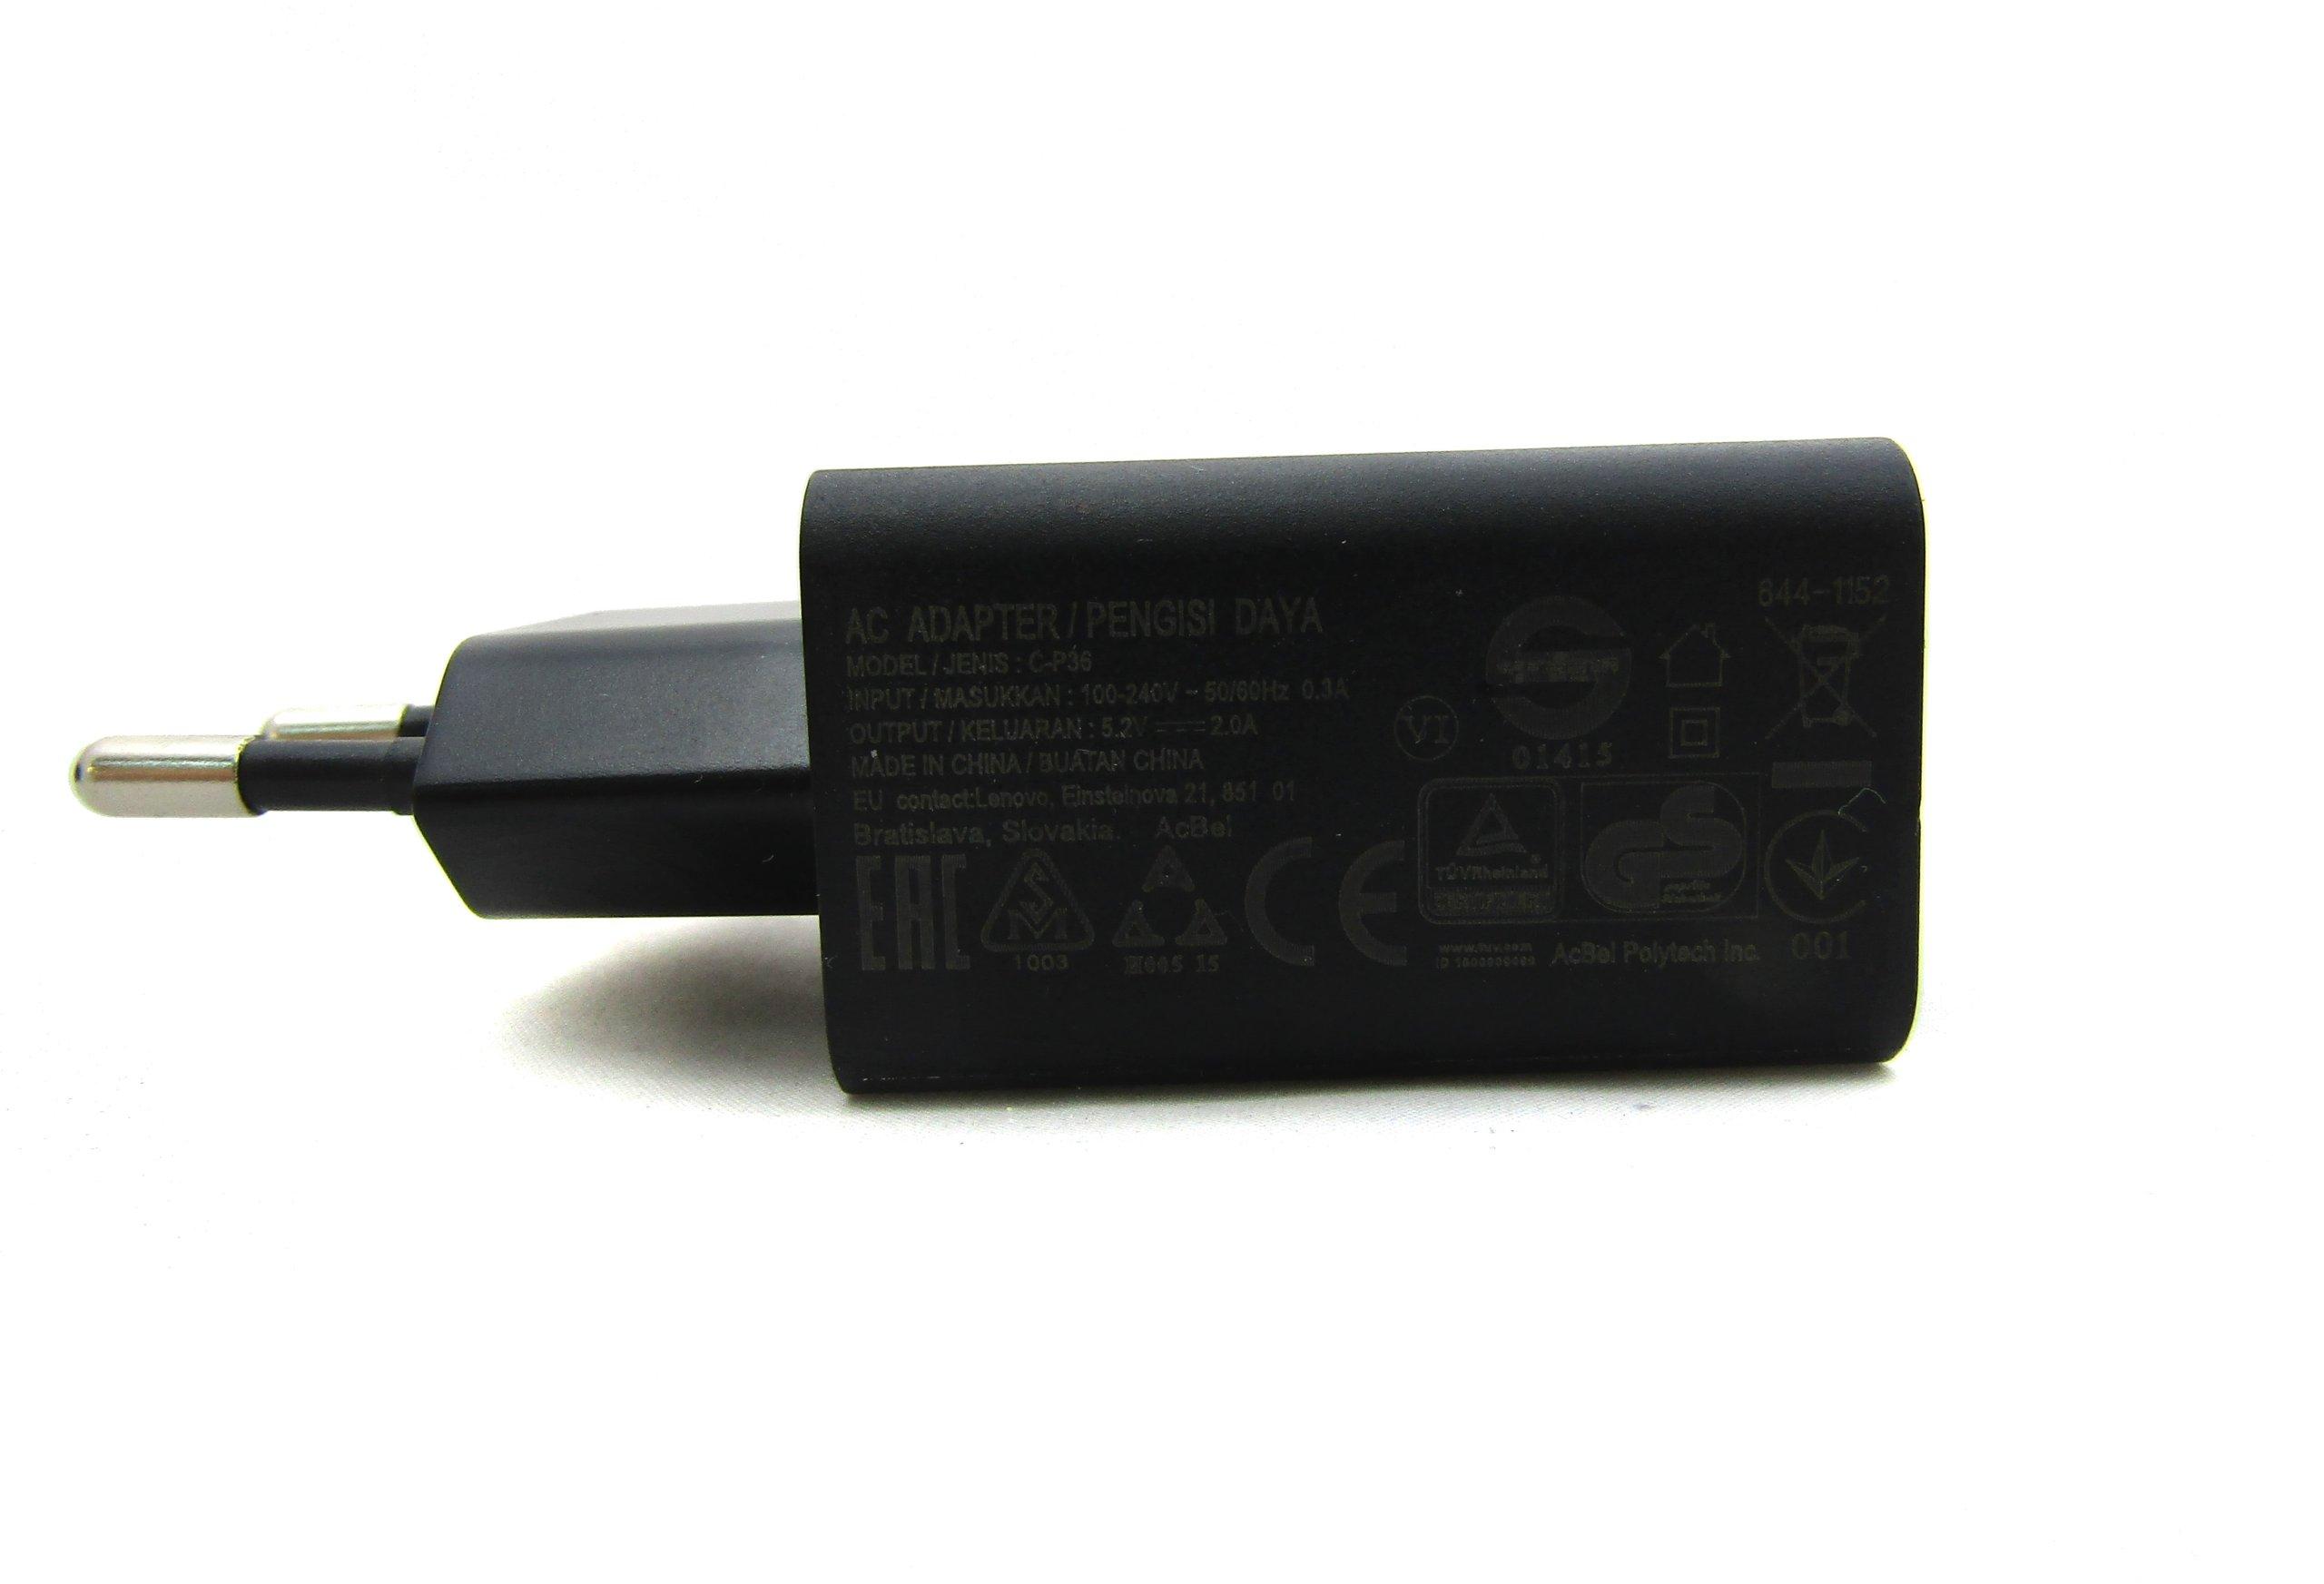 Adowarka Lenovo C P36 52v 20a 7264254750 Oficjalne Archiwum Charger 2a Original